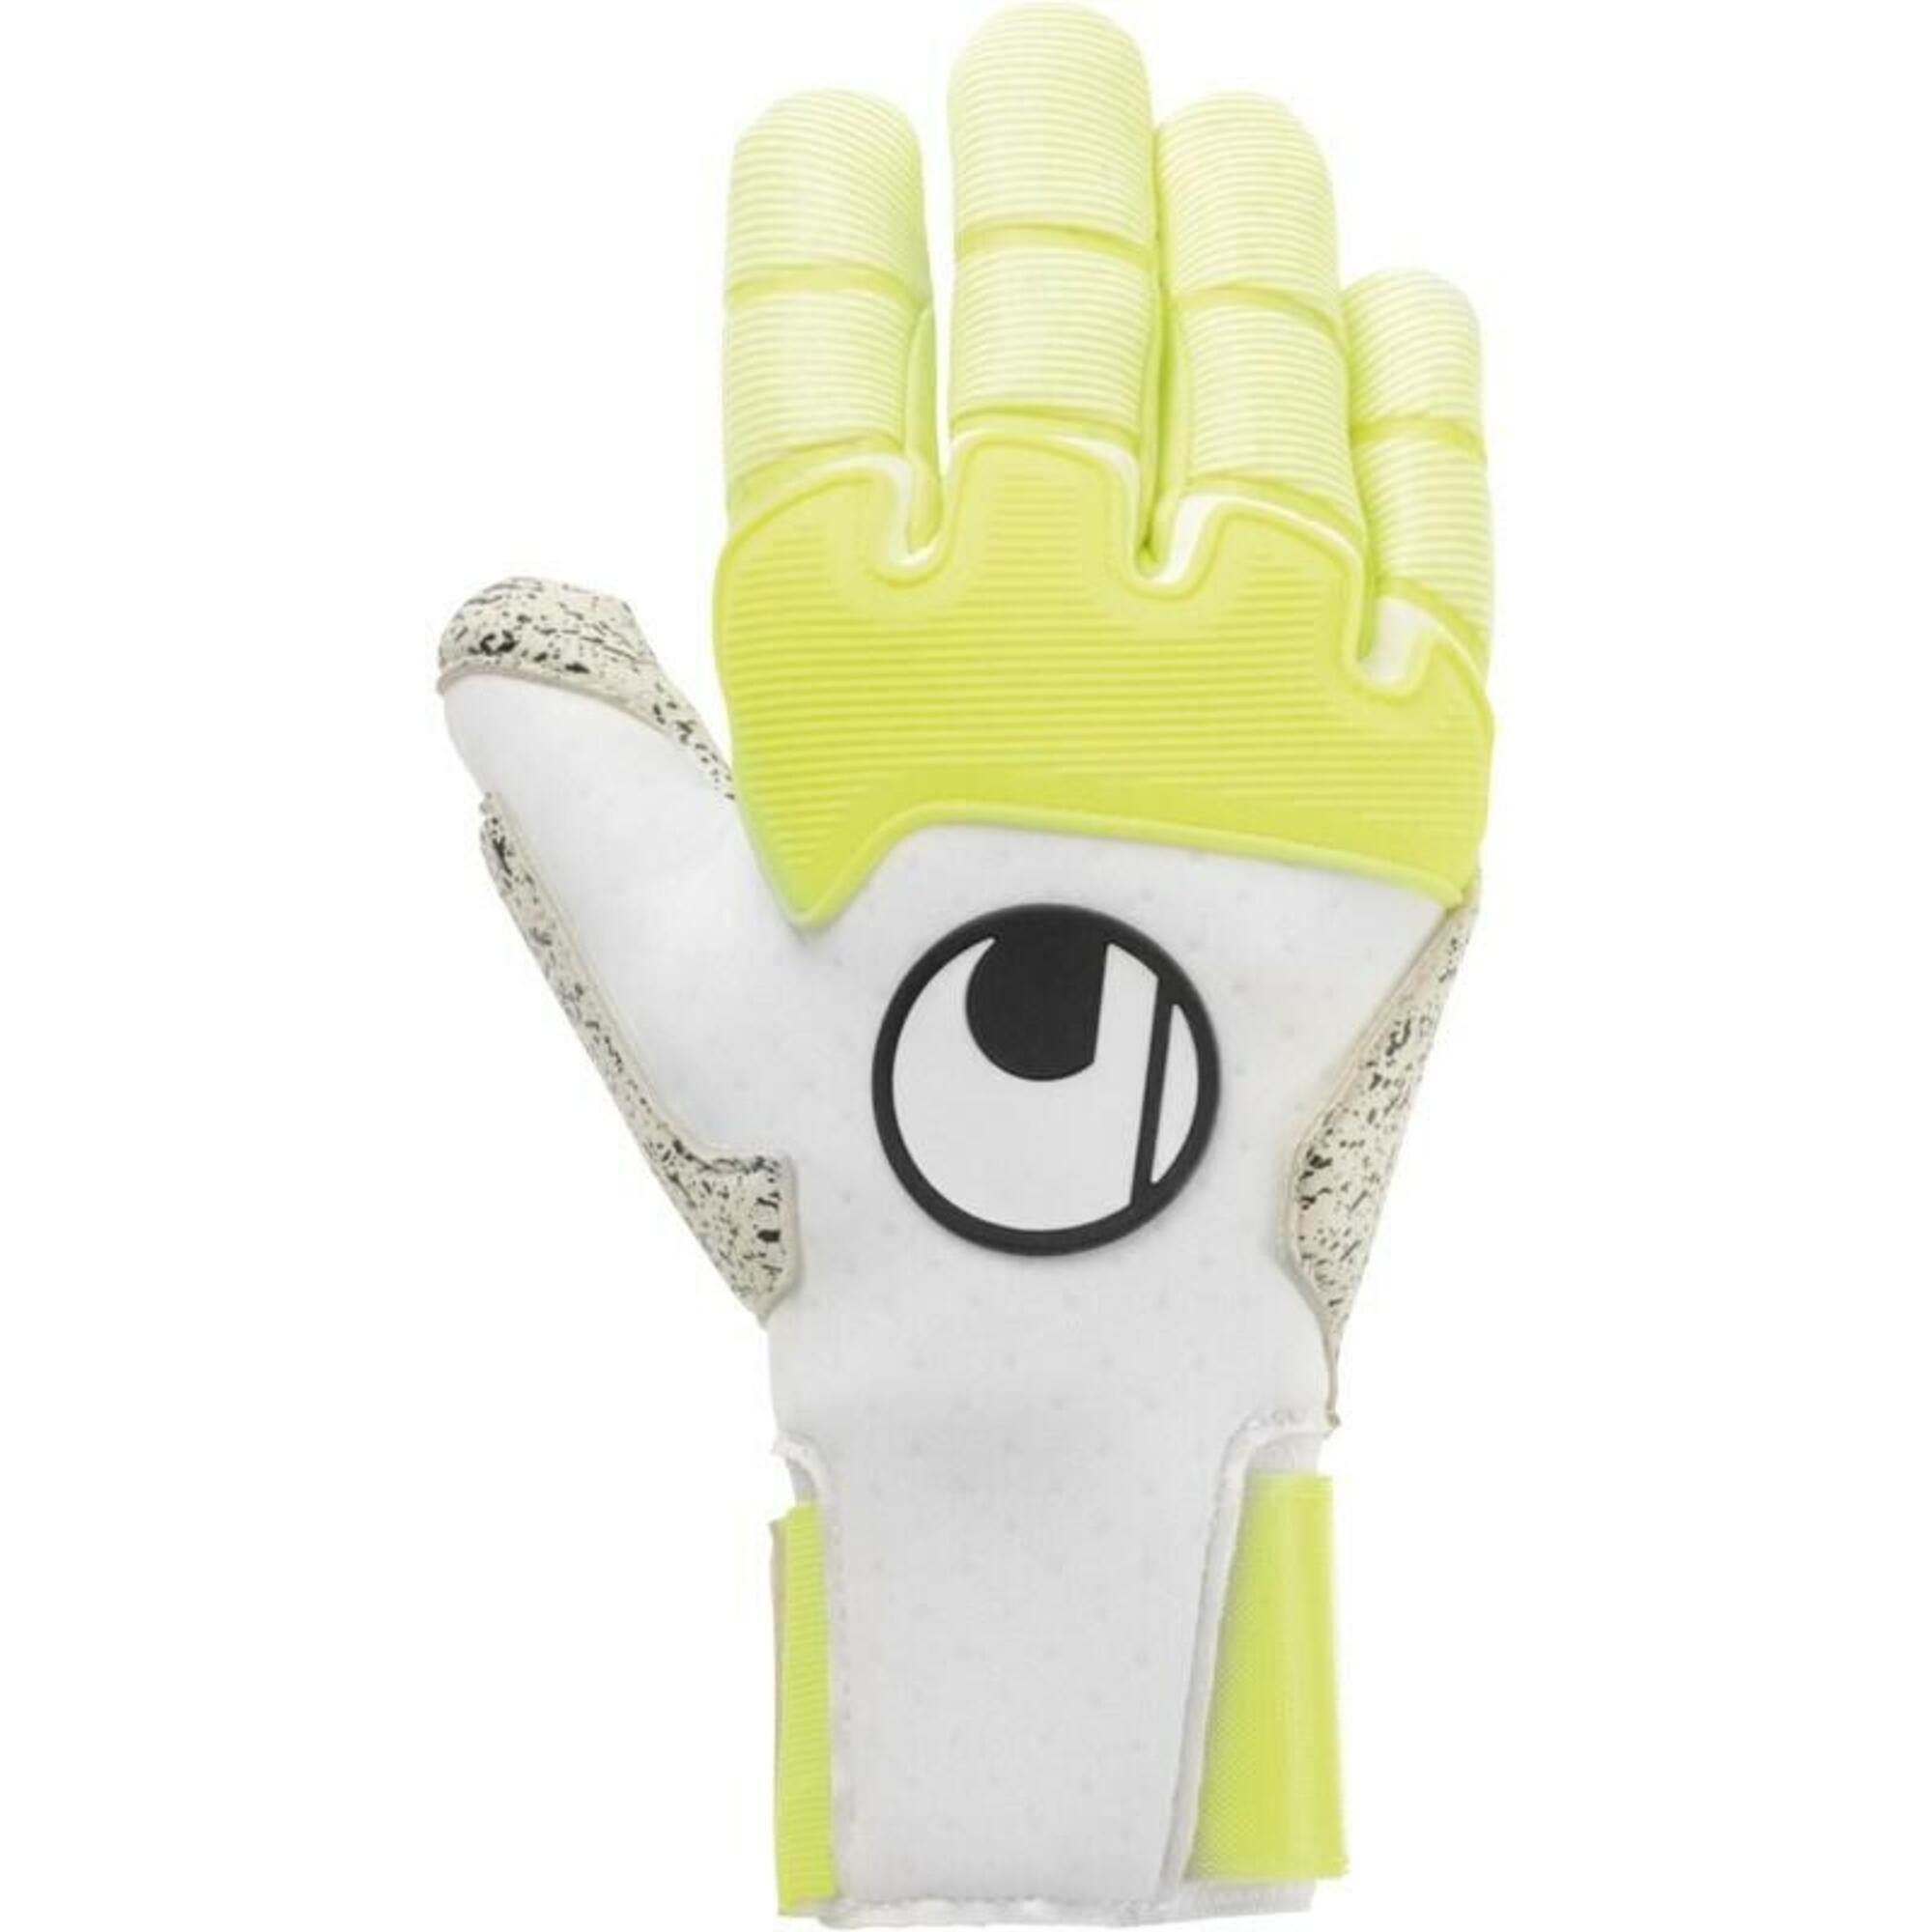 Gants de gardien Uhlsport Purealliancesupergrip+reflex